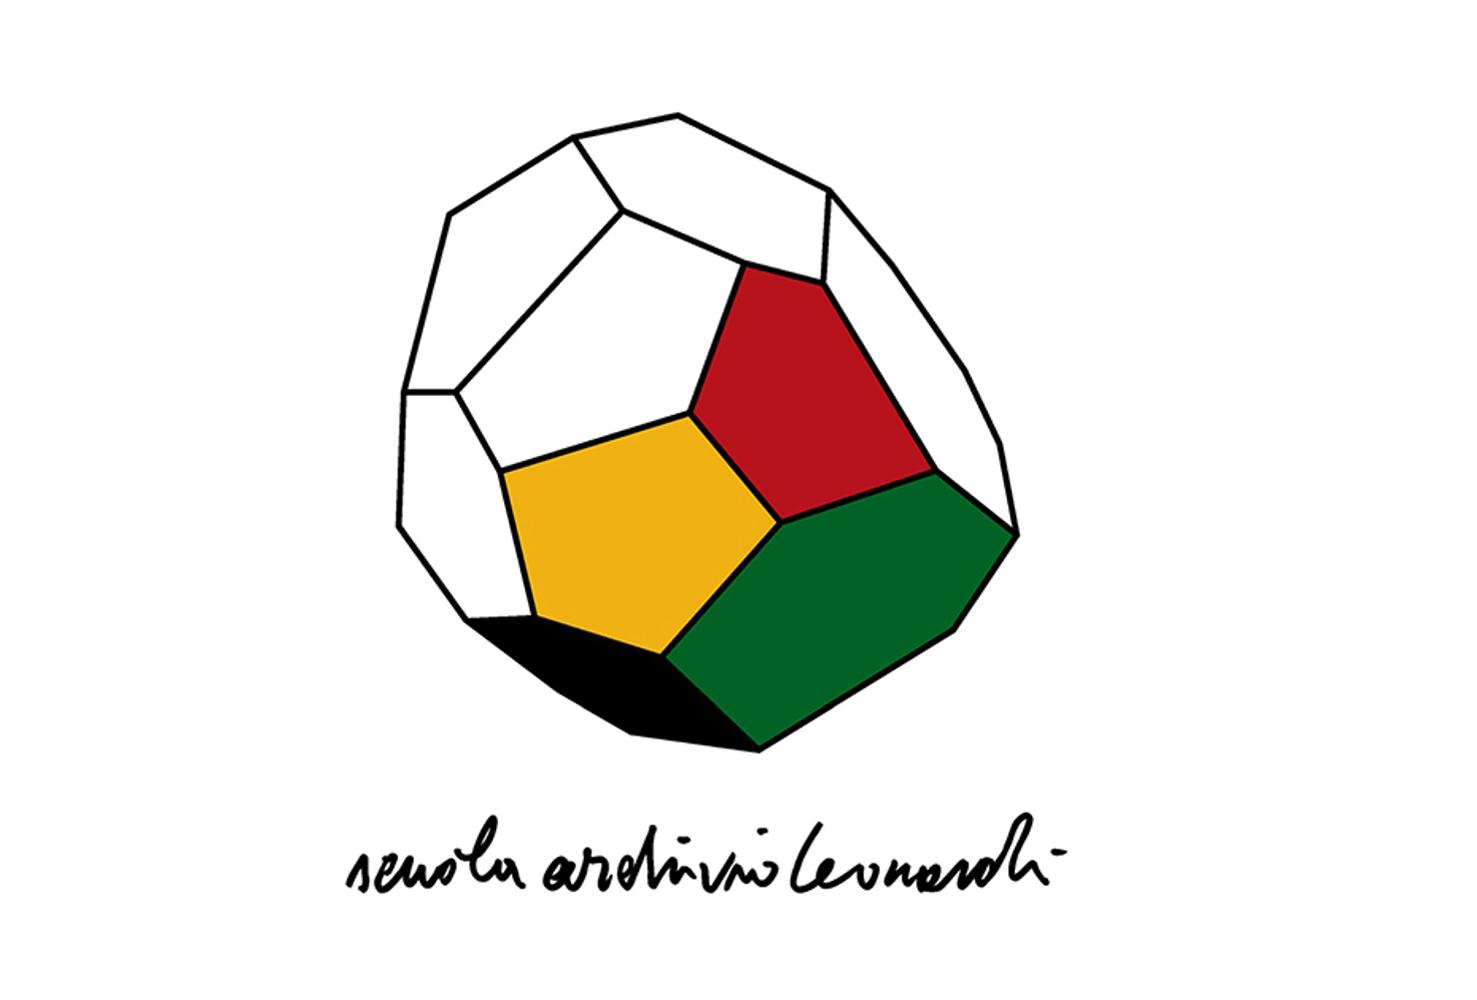 Il logo della Scuola Archivio Leonardi